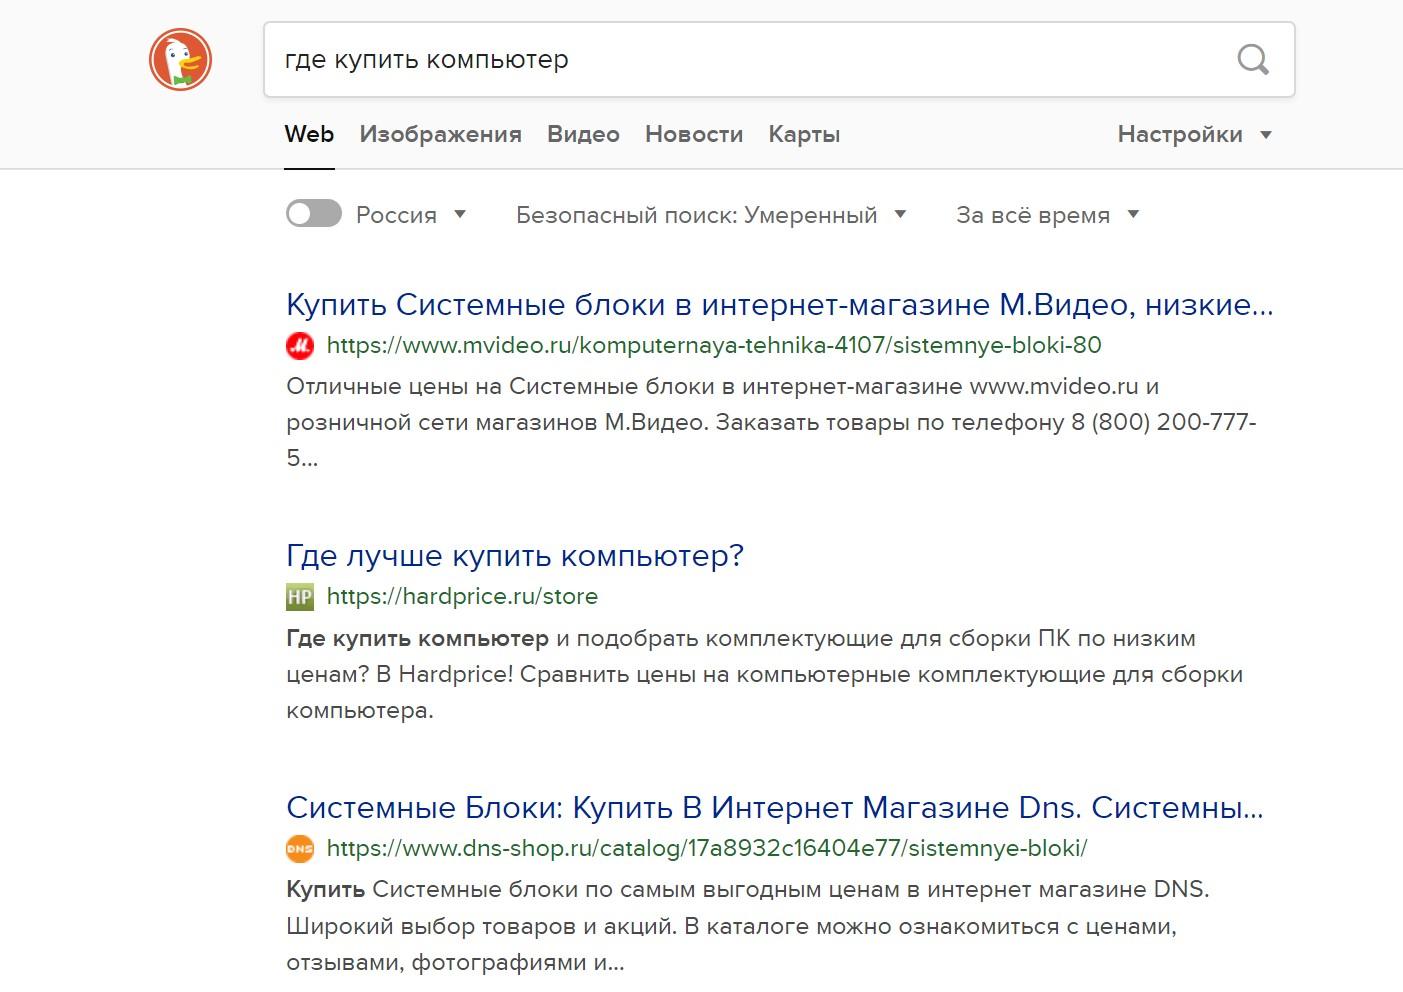 пример поисковой системы